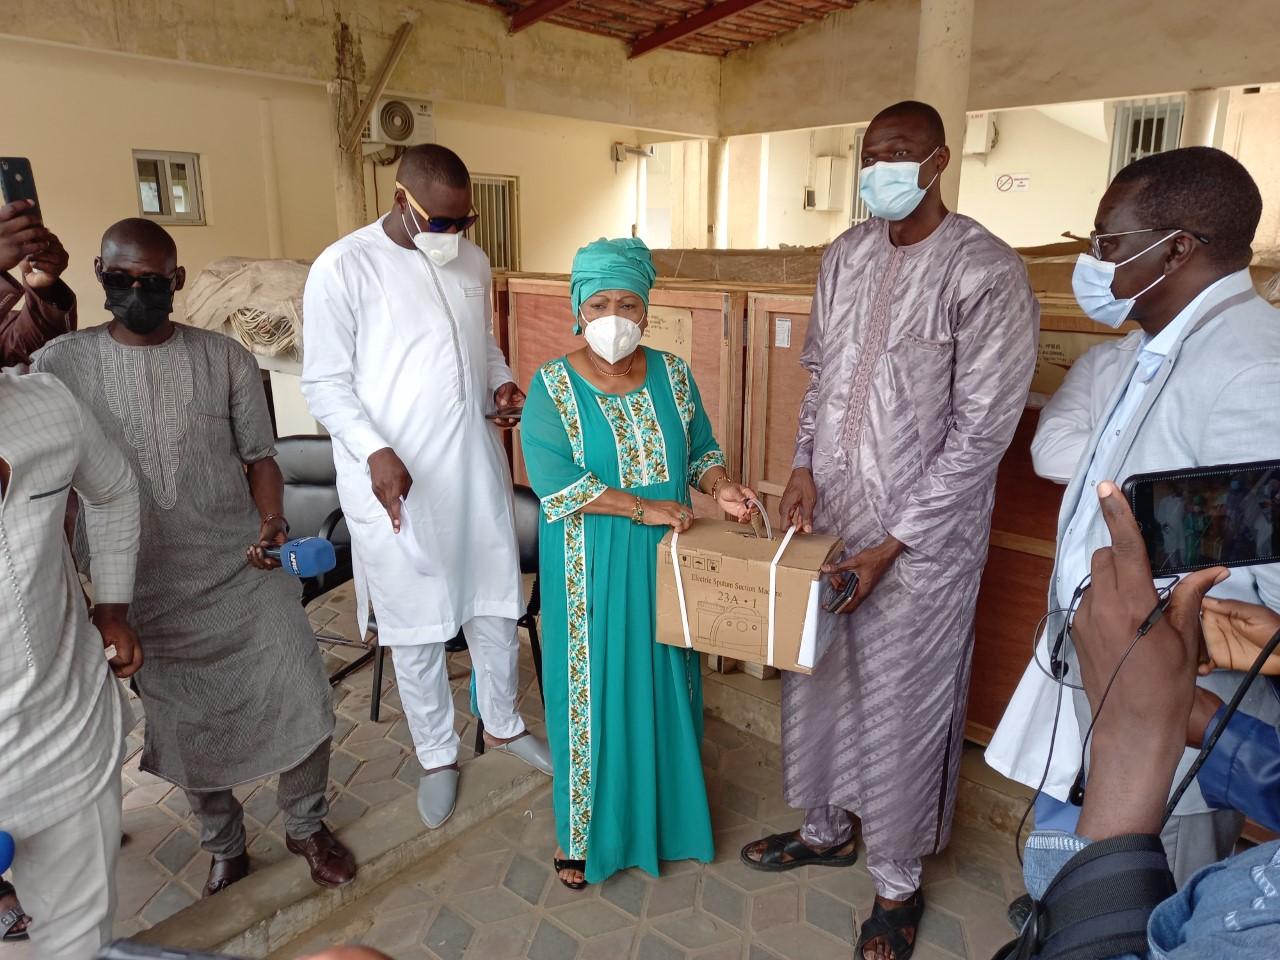 Covid 19 : La mairie de Dakar soulage les hôpitaux de Dakar par une dotation en appareils respiratoires, d'anesthésie, des défibrillateurs…….